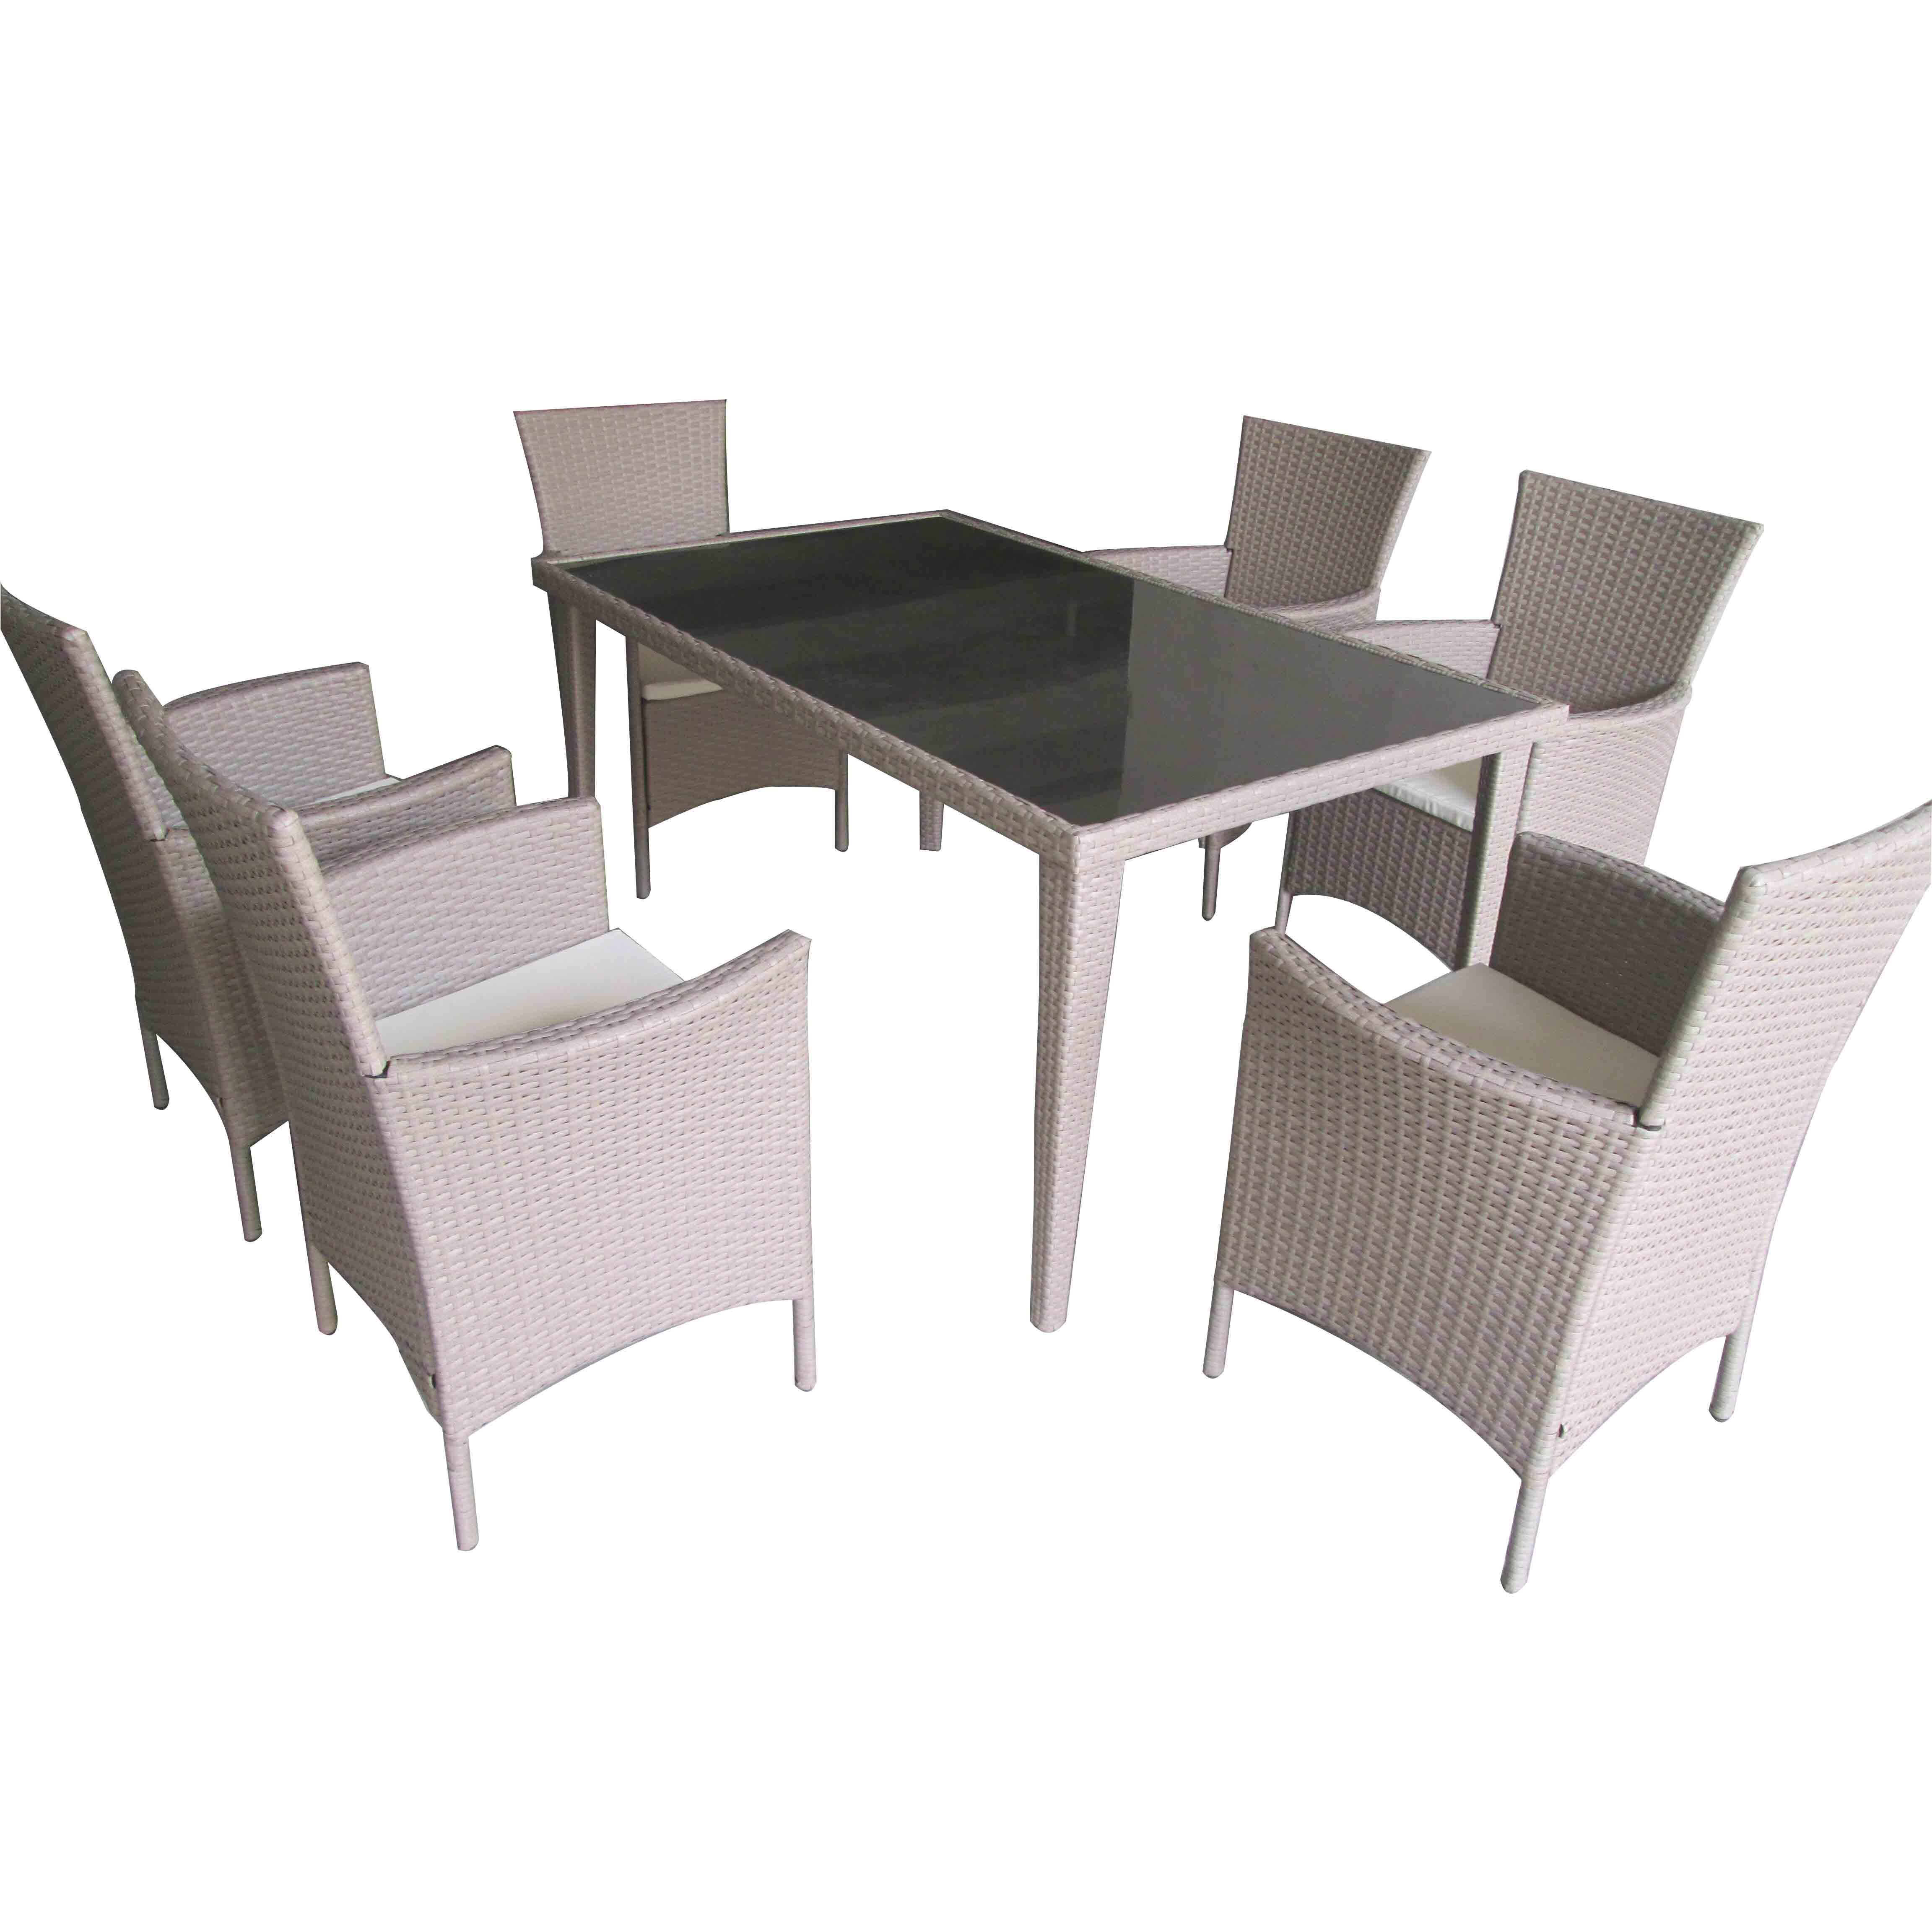 Reasonable price Wicker Furniture Sets - JJS3005W Steel frame rattan garden dinning set – Jin-jiang Industry